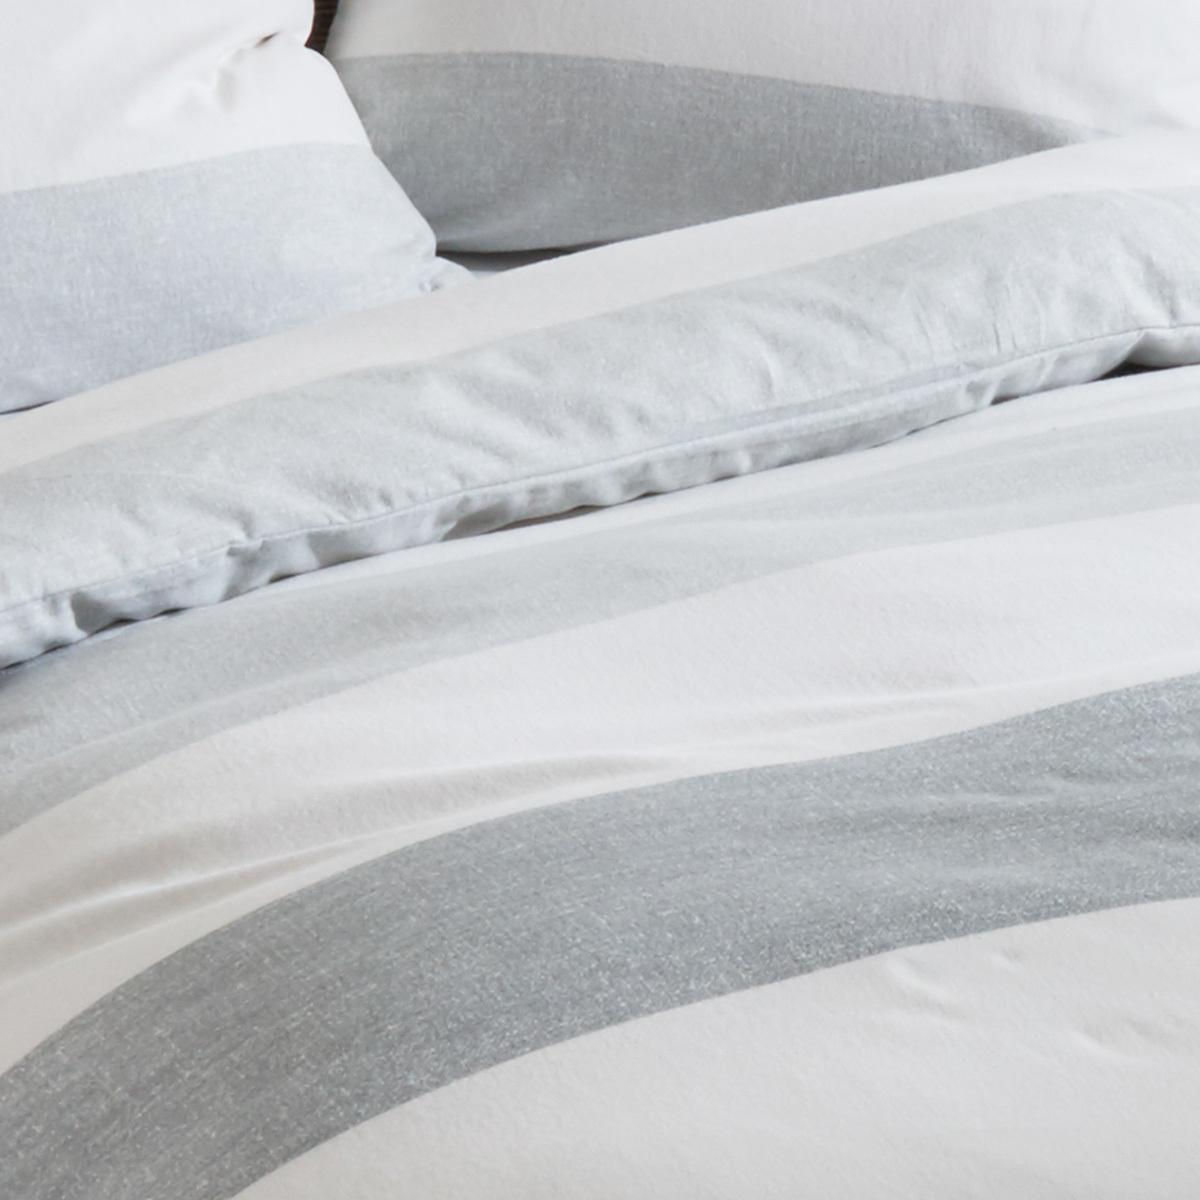 traumschlaf biber bettw sche streifen grau g nstig online kaufen bei bettwaren shop. Black Bedroom Furniture Sets. Home Design Ideas